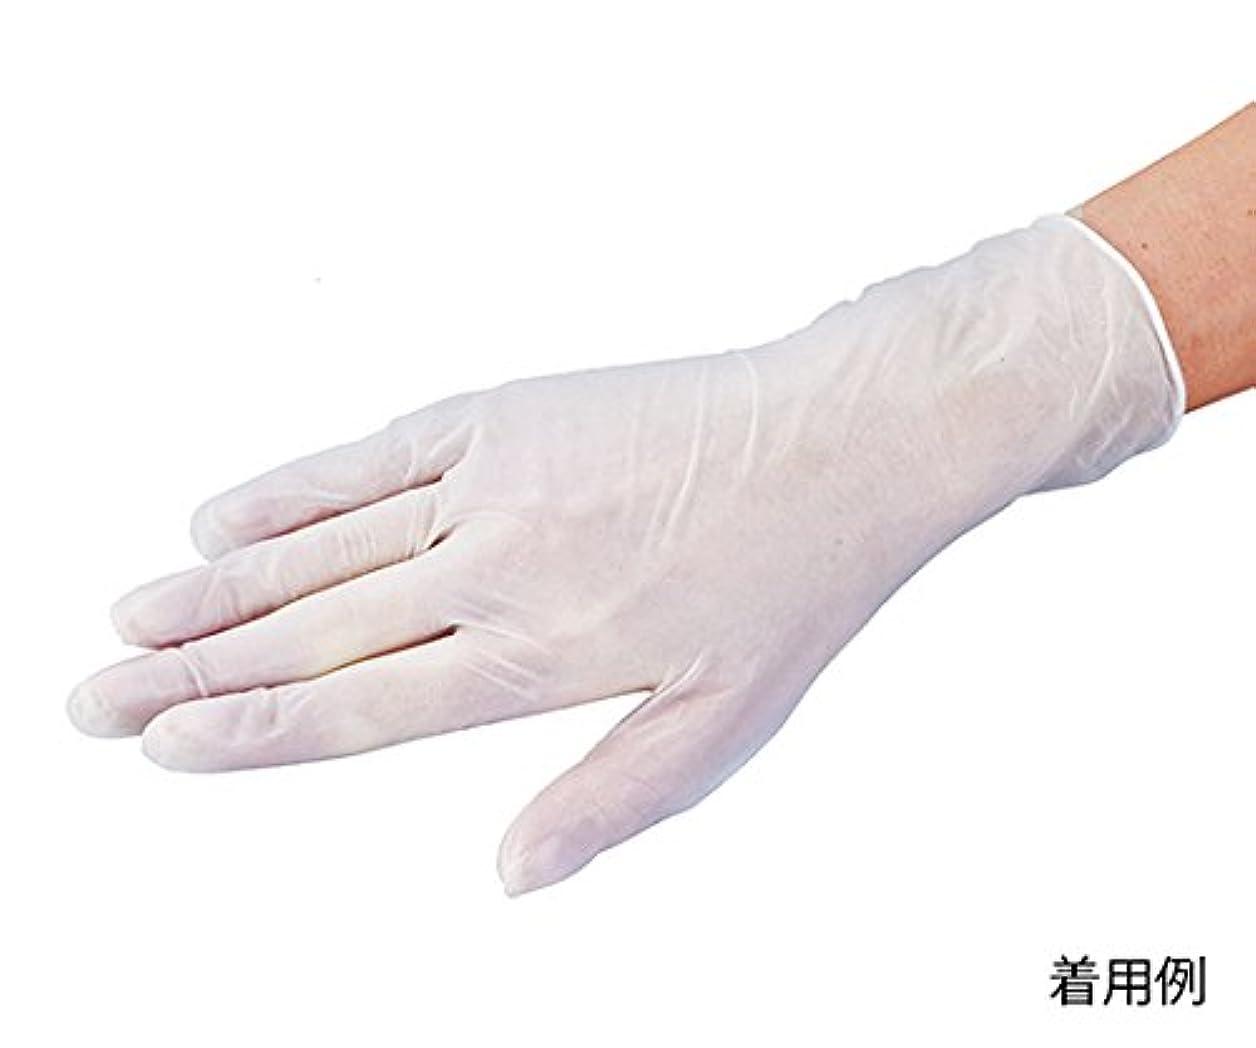 失効煙突切り刻むナビス(アズワン)8-9570-02プロシェアプラスチック手袋パウダー付M